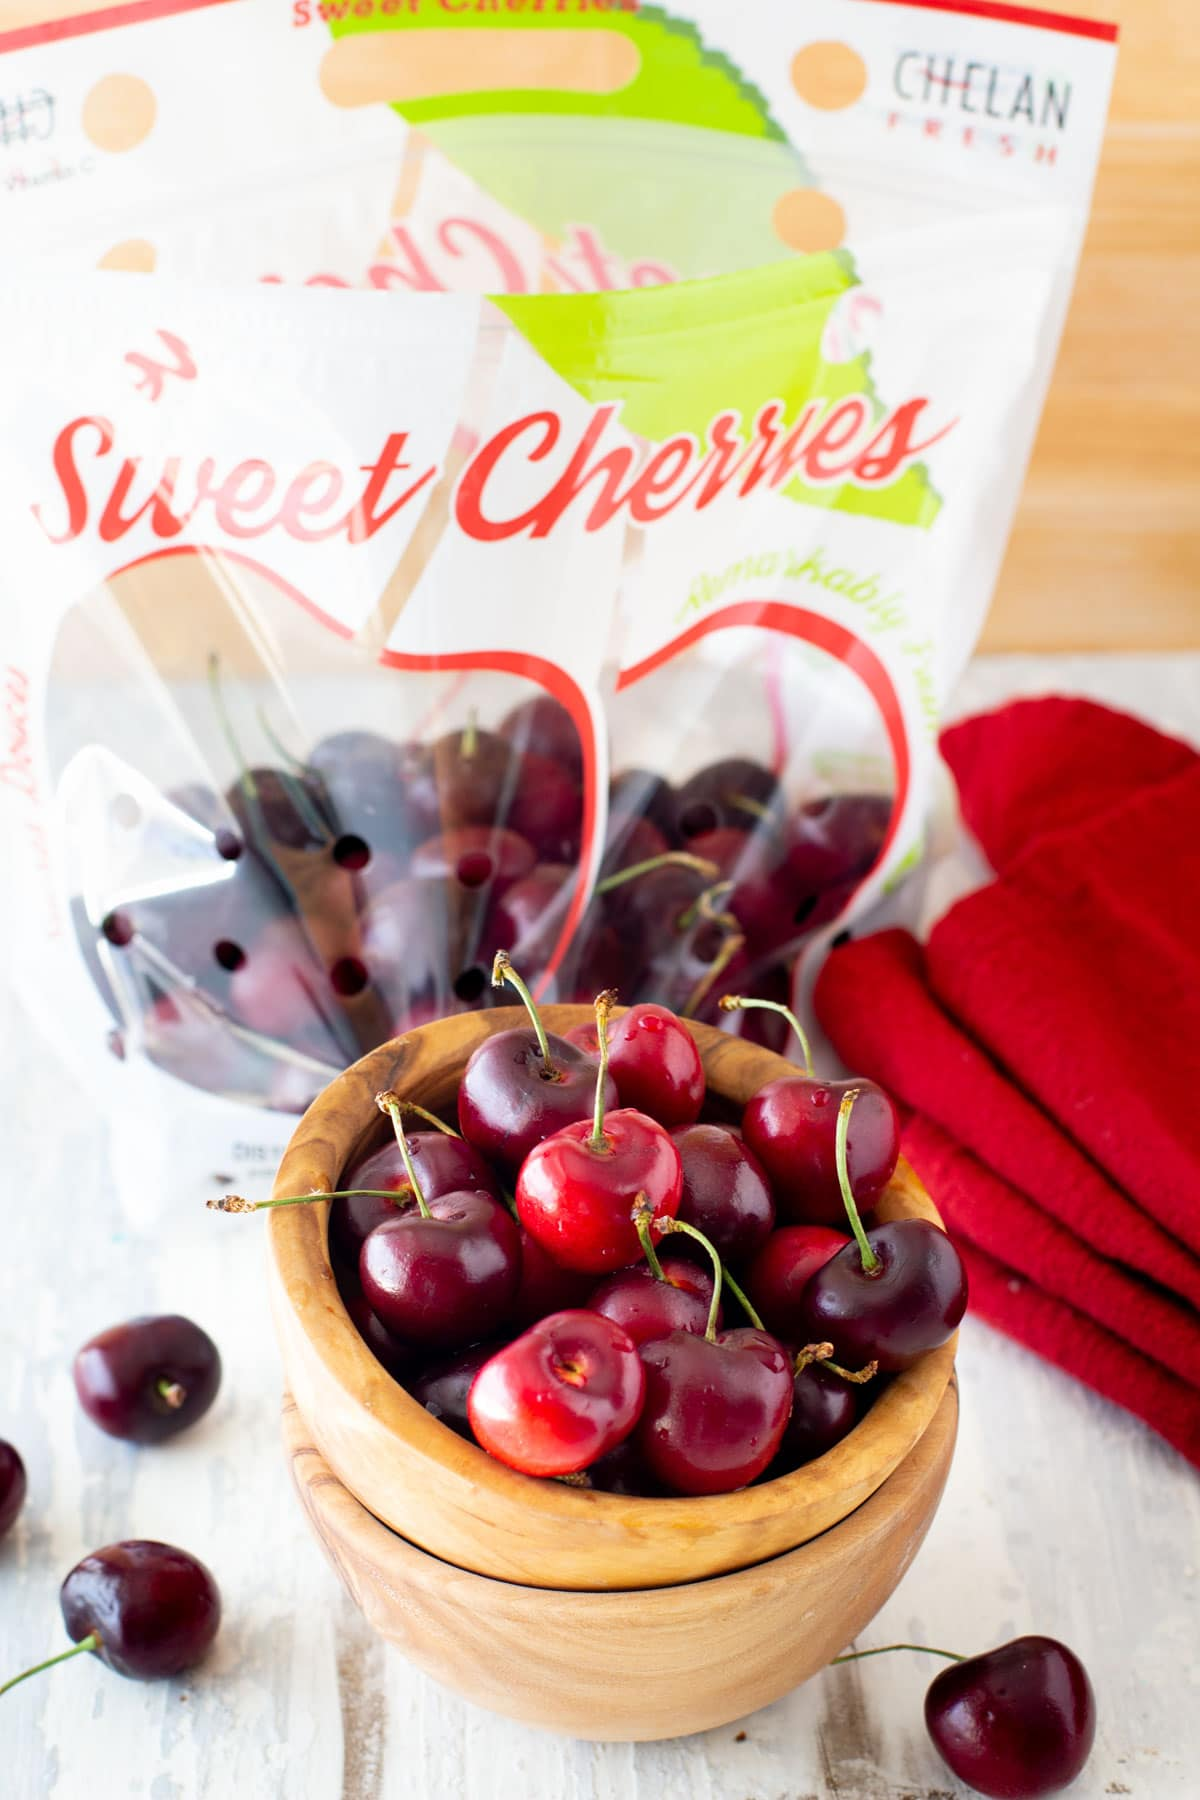 cherries chelan fresh